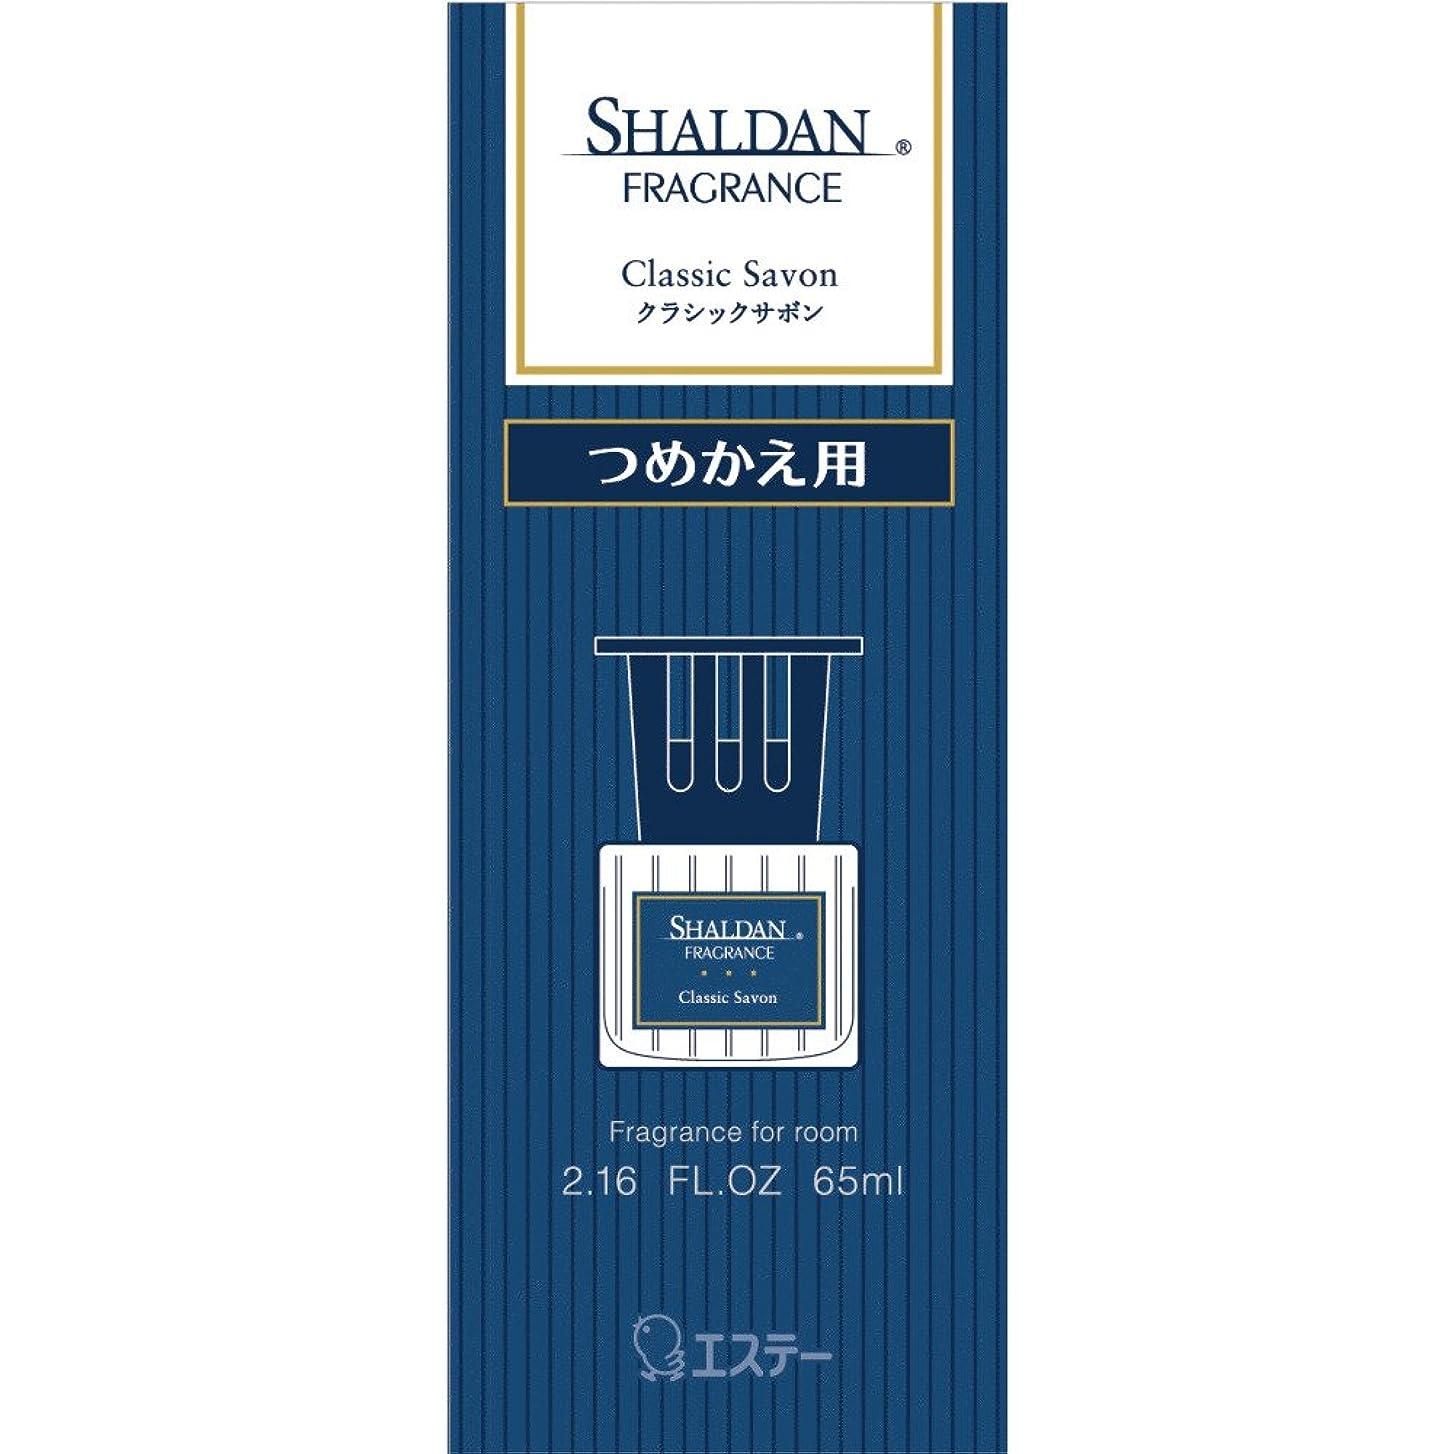 遠近法階下見かけ上シャルダン SHALDAN フレグランス 消臭芳香剤 部屋用 つめかえ クラシックサボン 65ml